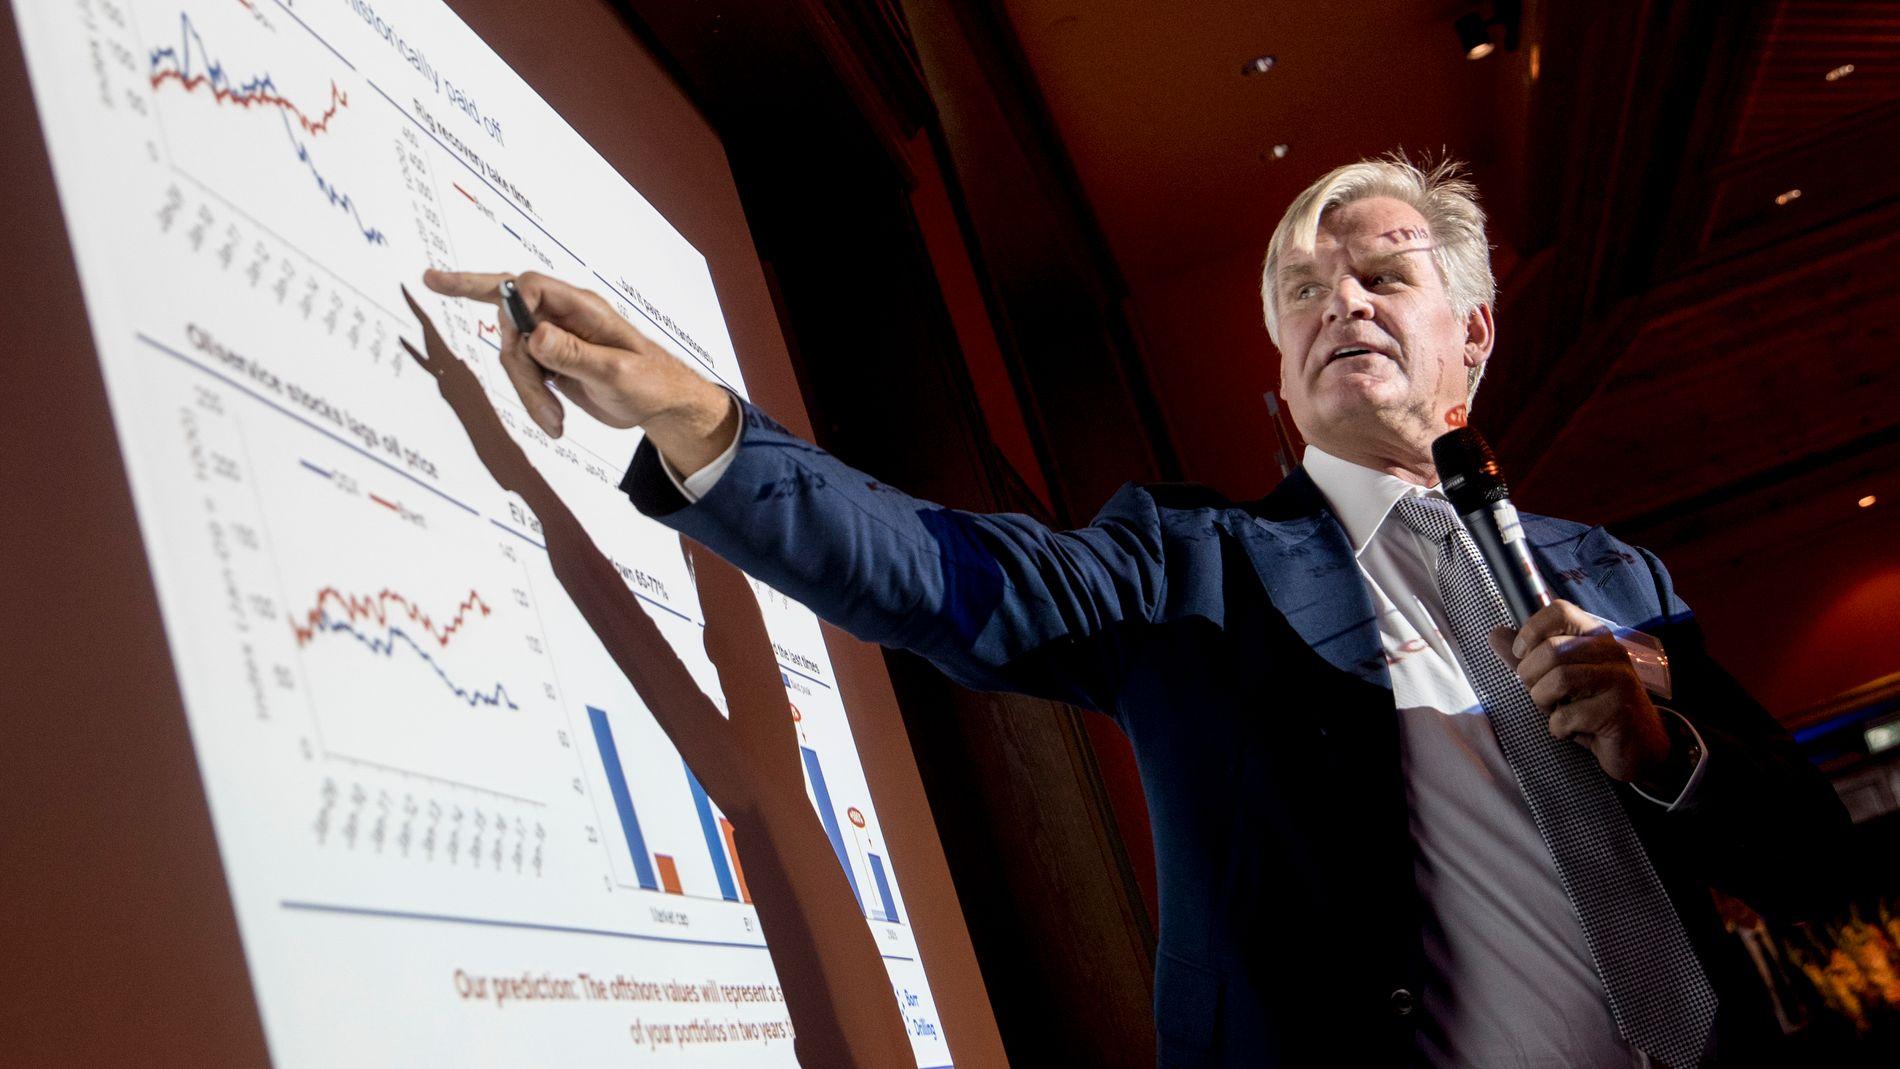 REGNESTYKKER: Tor Olav Trøim viser hvordan utviklingen har vært i riggbransjen ved tidligere oppturer.